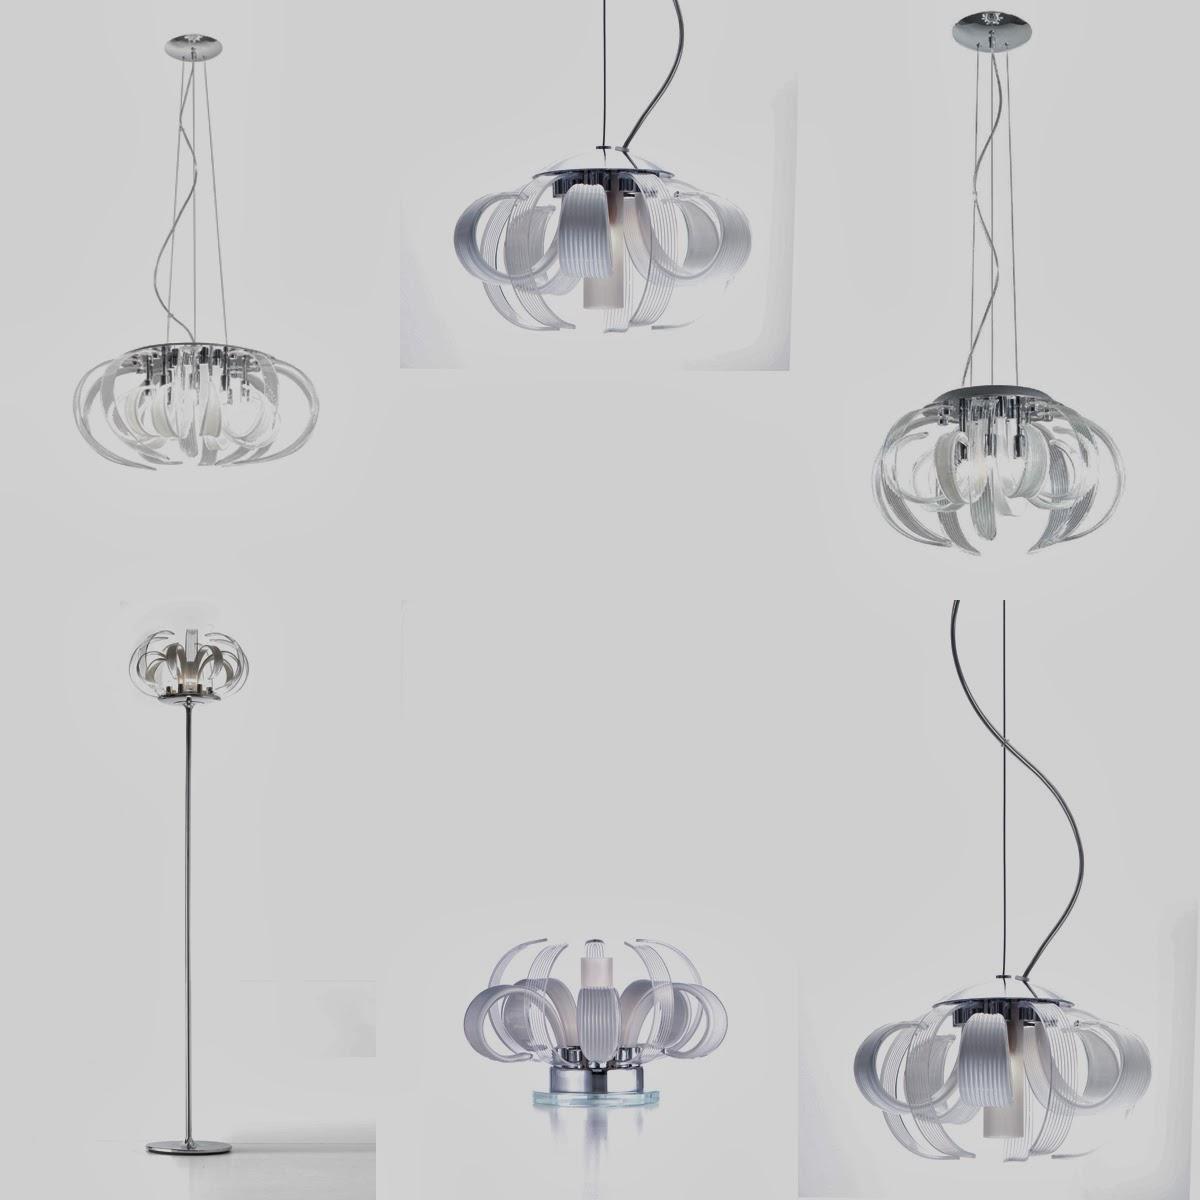 lampadari micron : Micron Illuminazione Mama, orchidea di cristallo